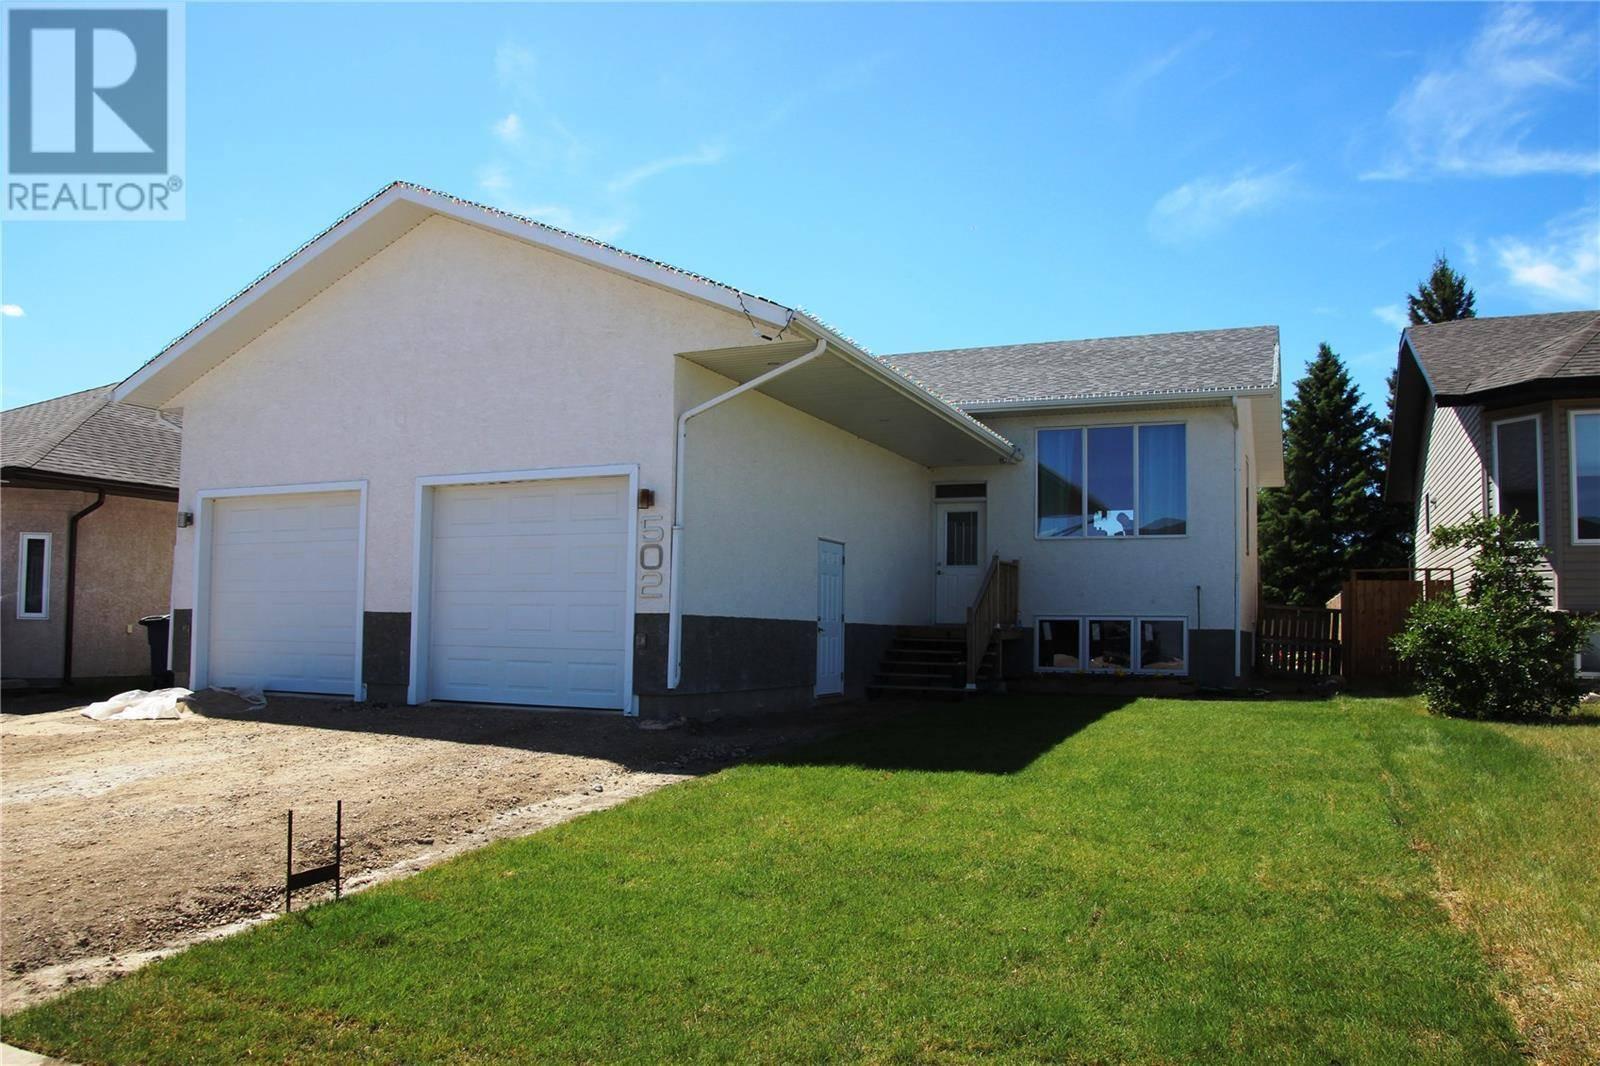 House for sale at 502 Antler Cres Warman Saskatchewan - MLS: SK783305